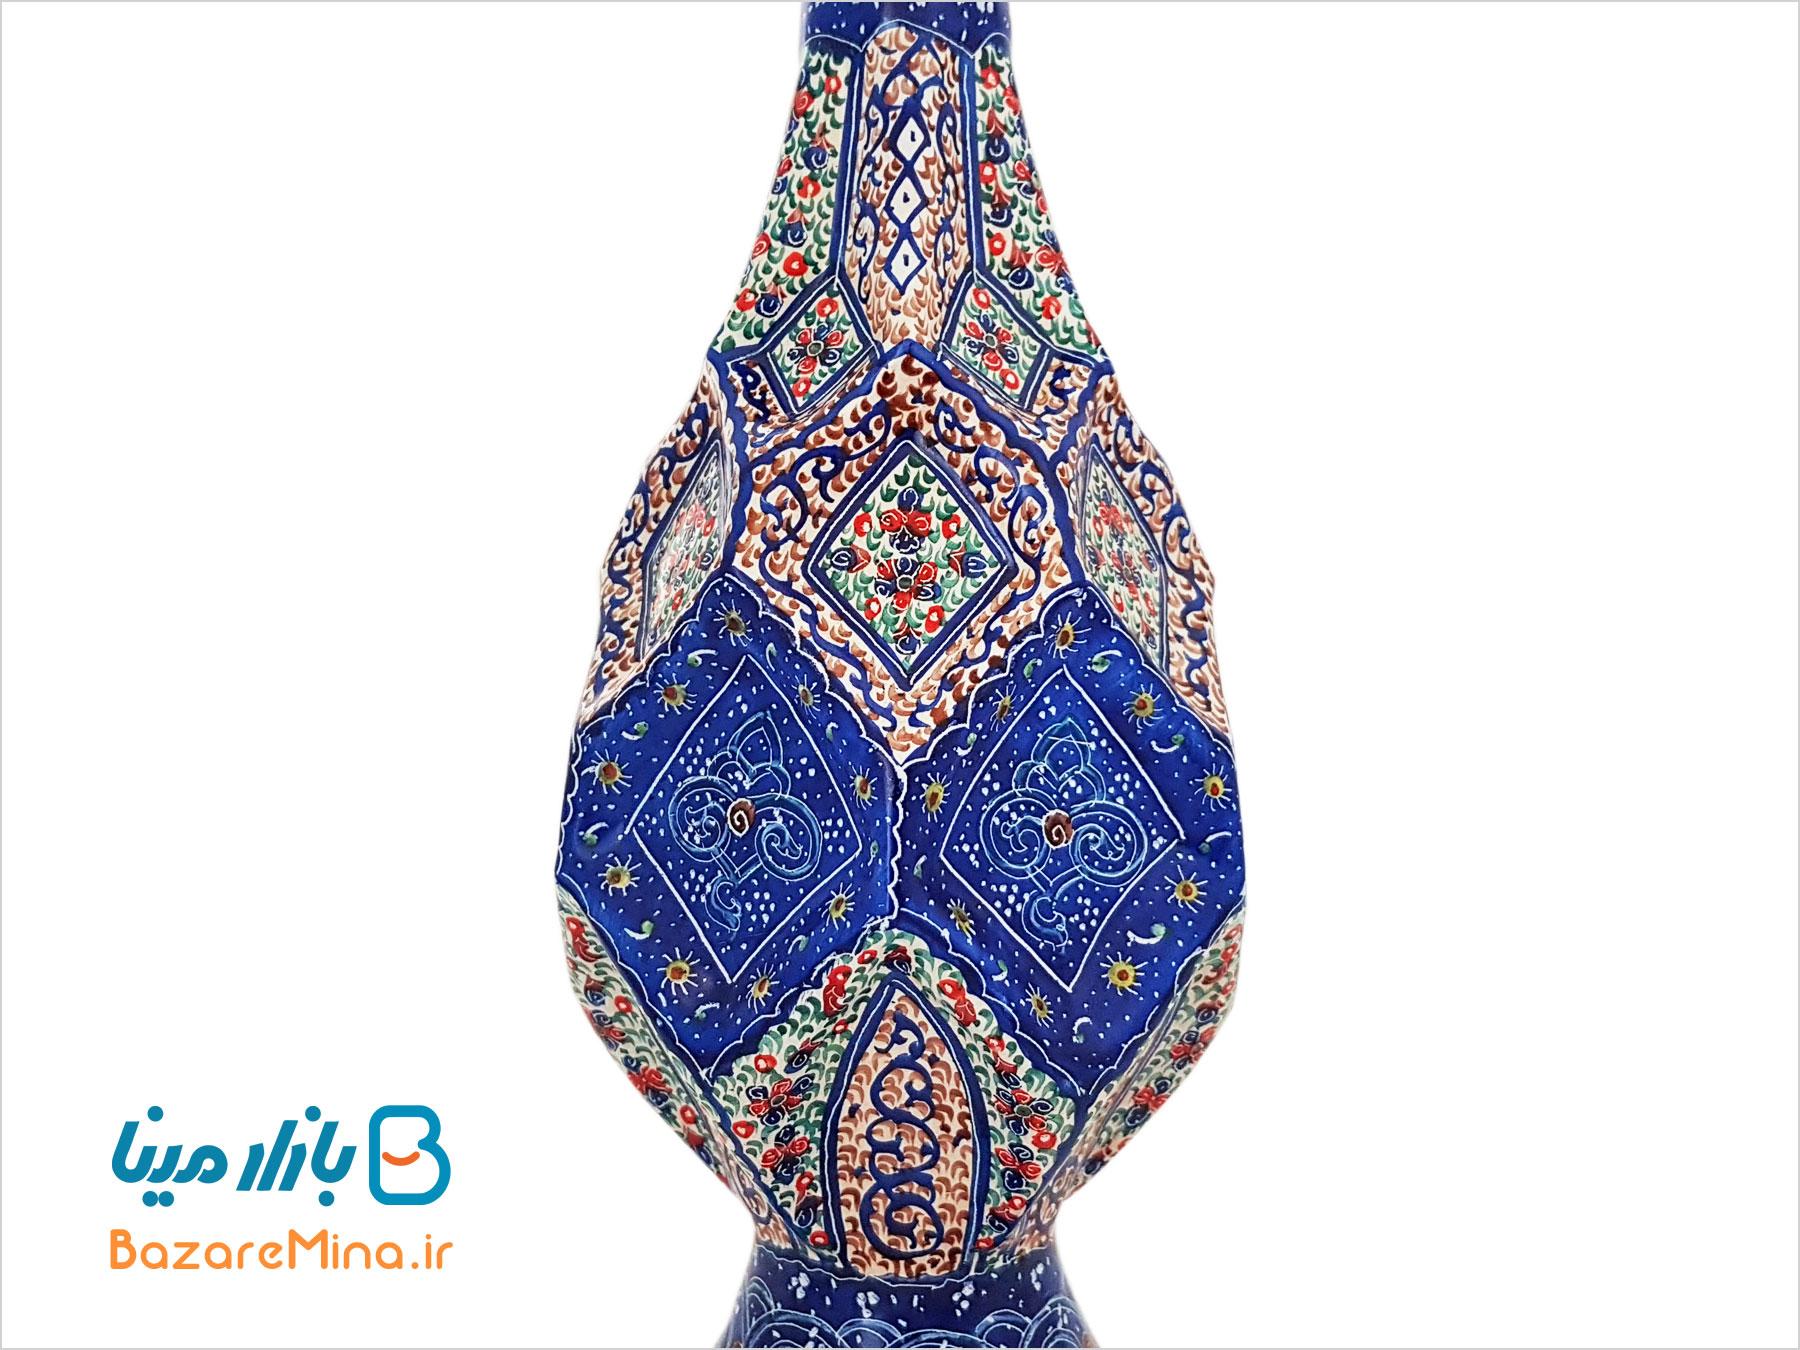 گلدان میناکاری بازار مینا طرح پارمیس ارتفاع 25 سانتی متر